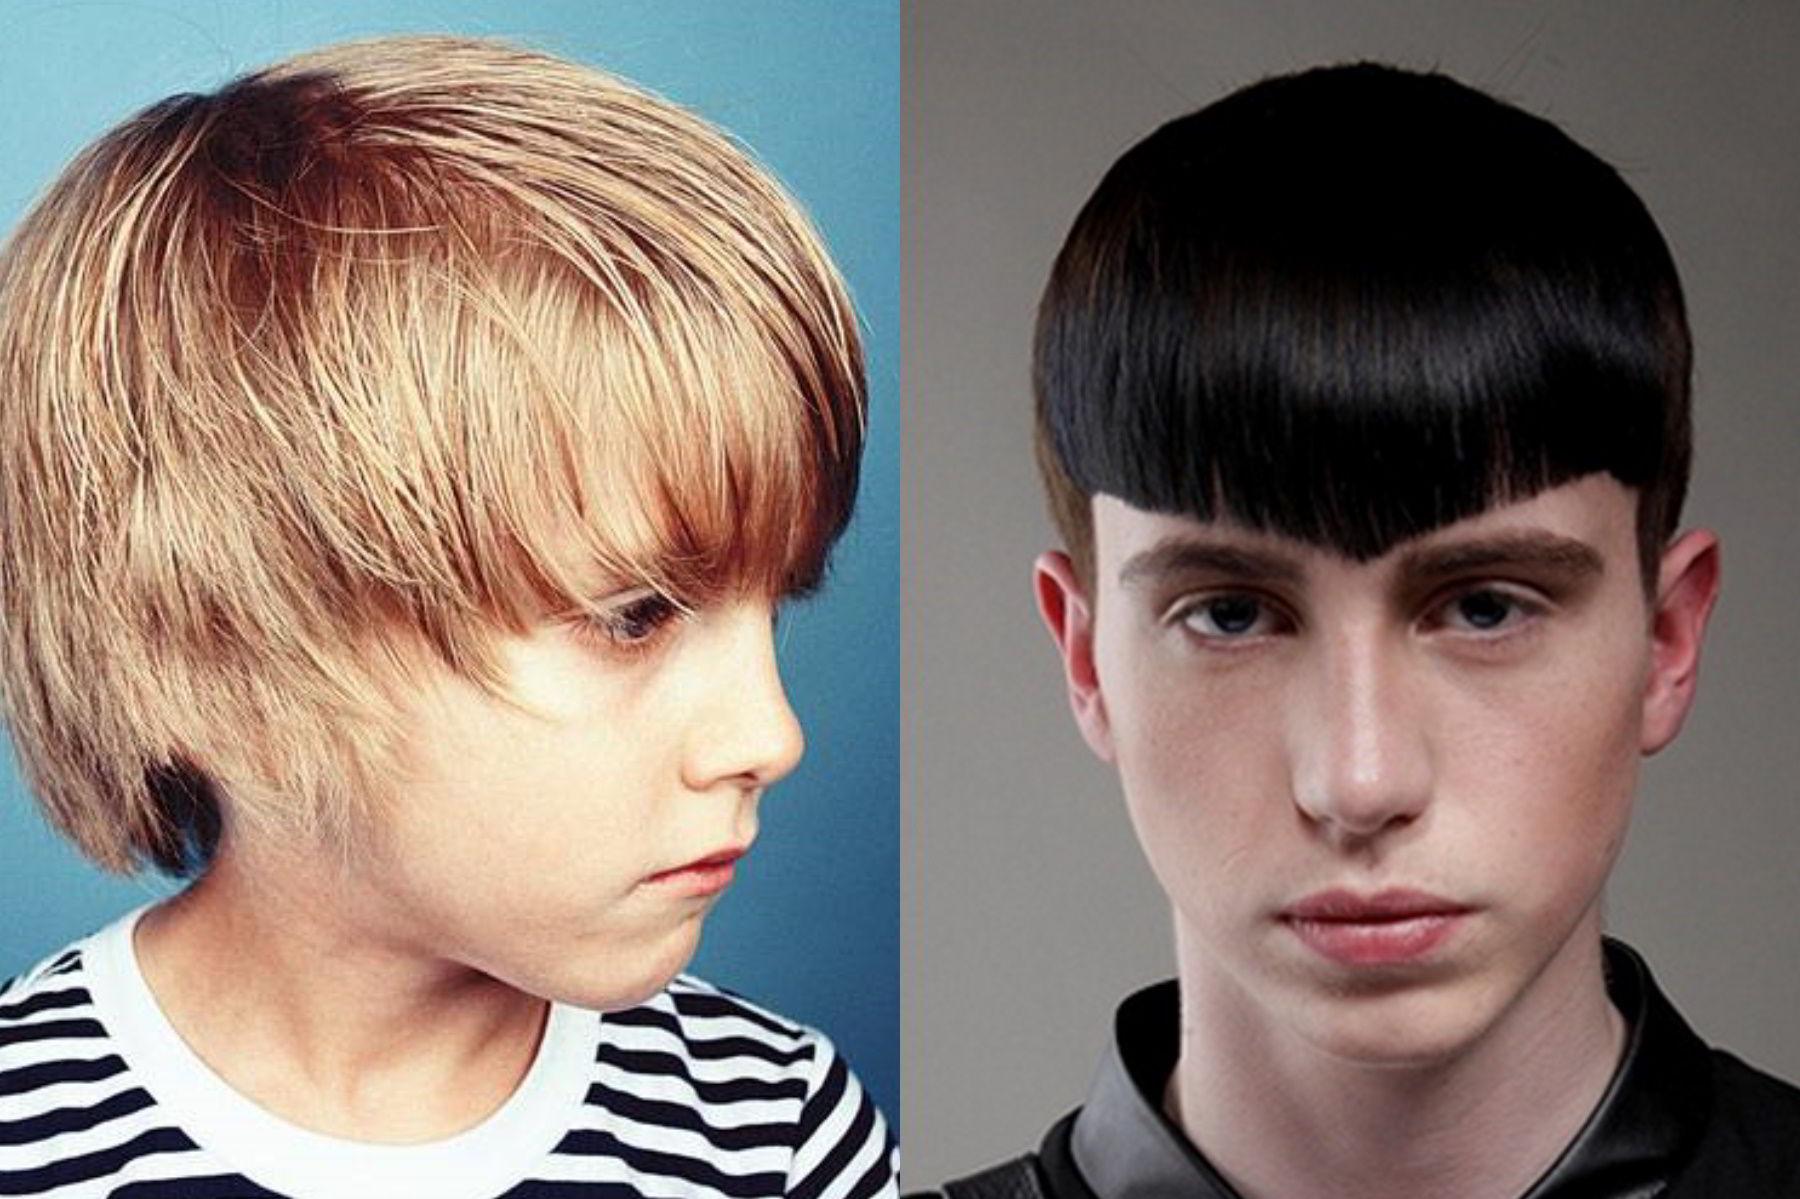 Модная прическа шапочка для мальчика 12-13 лет 2020